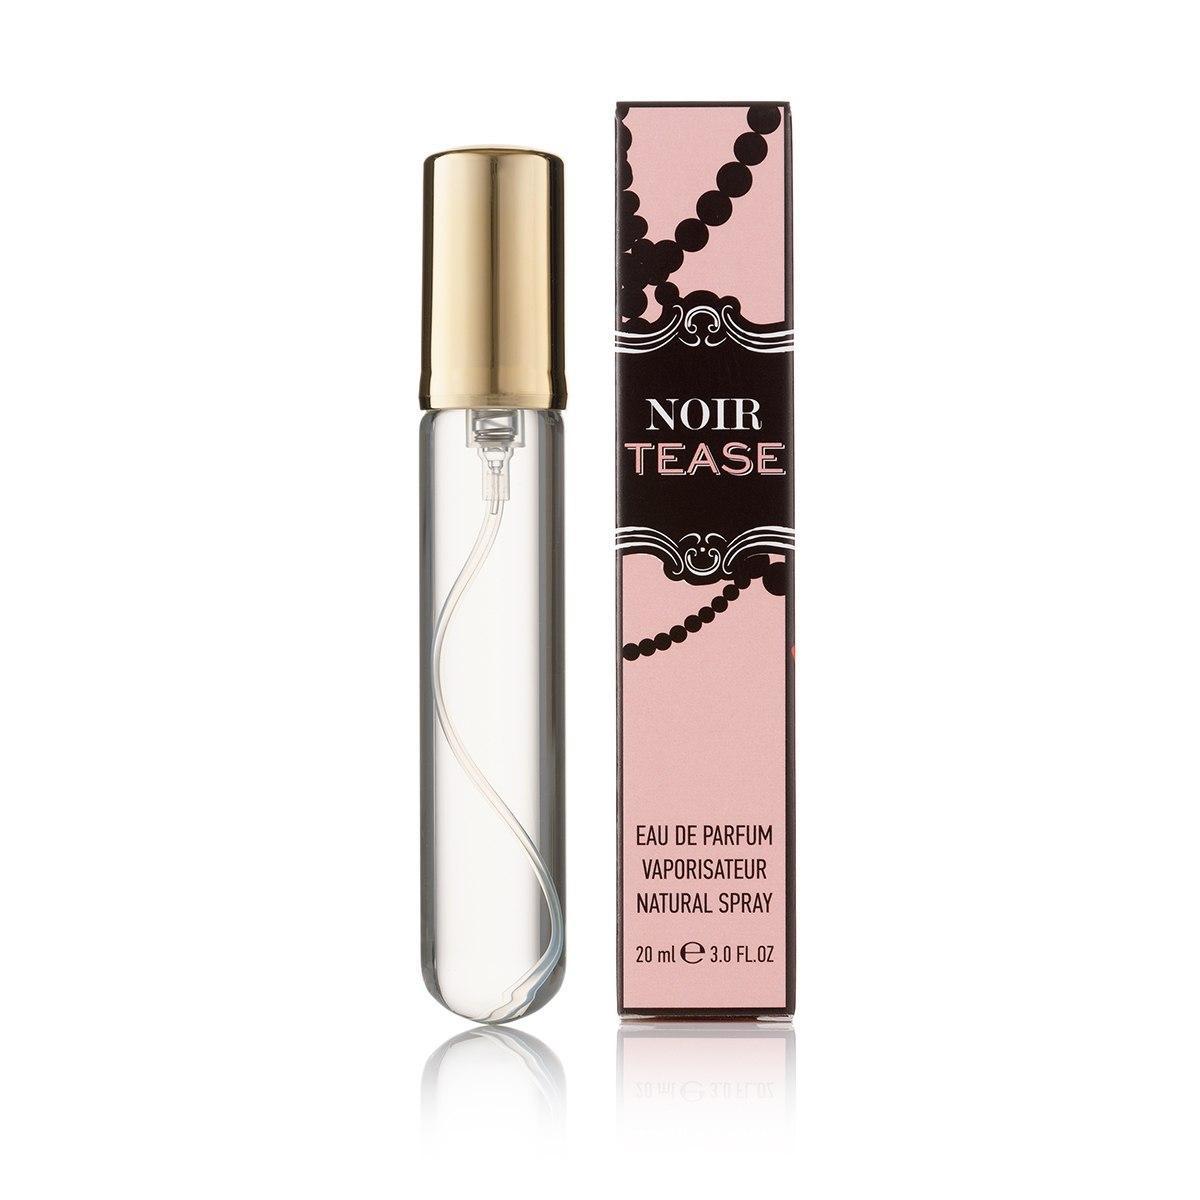 20 мл міні-парфуми Victoria's Secret Noir Tease (Ж)